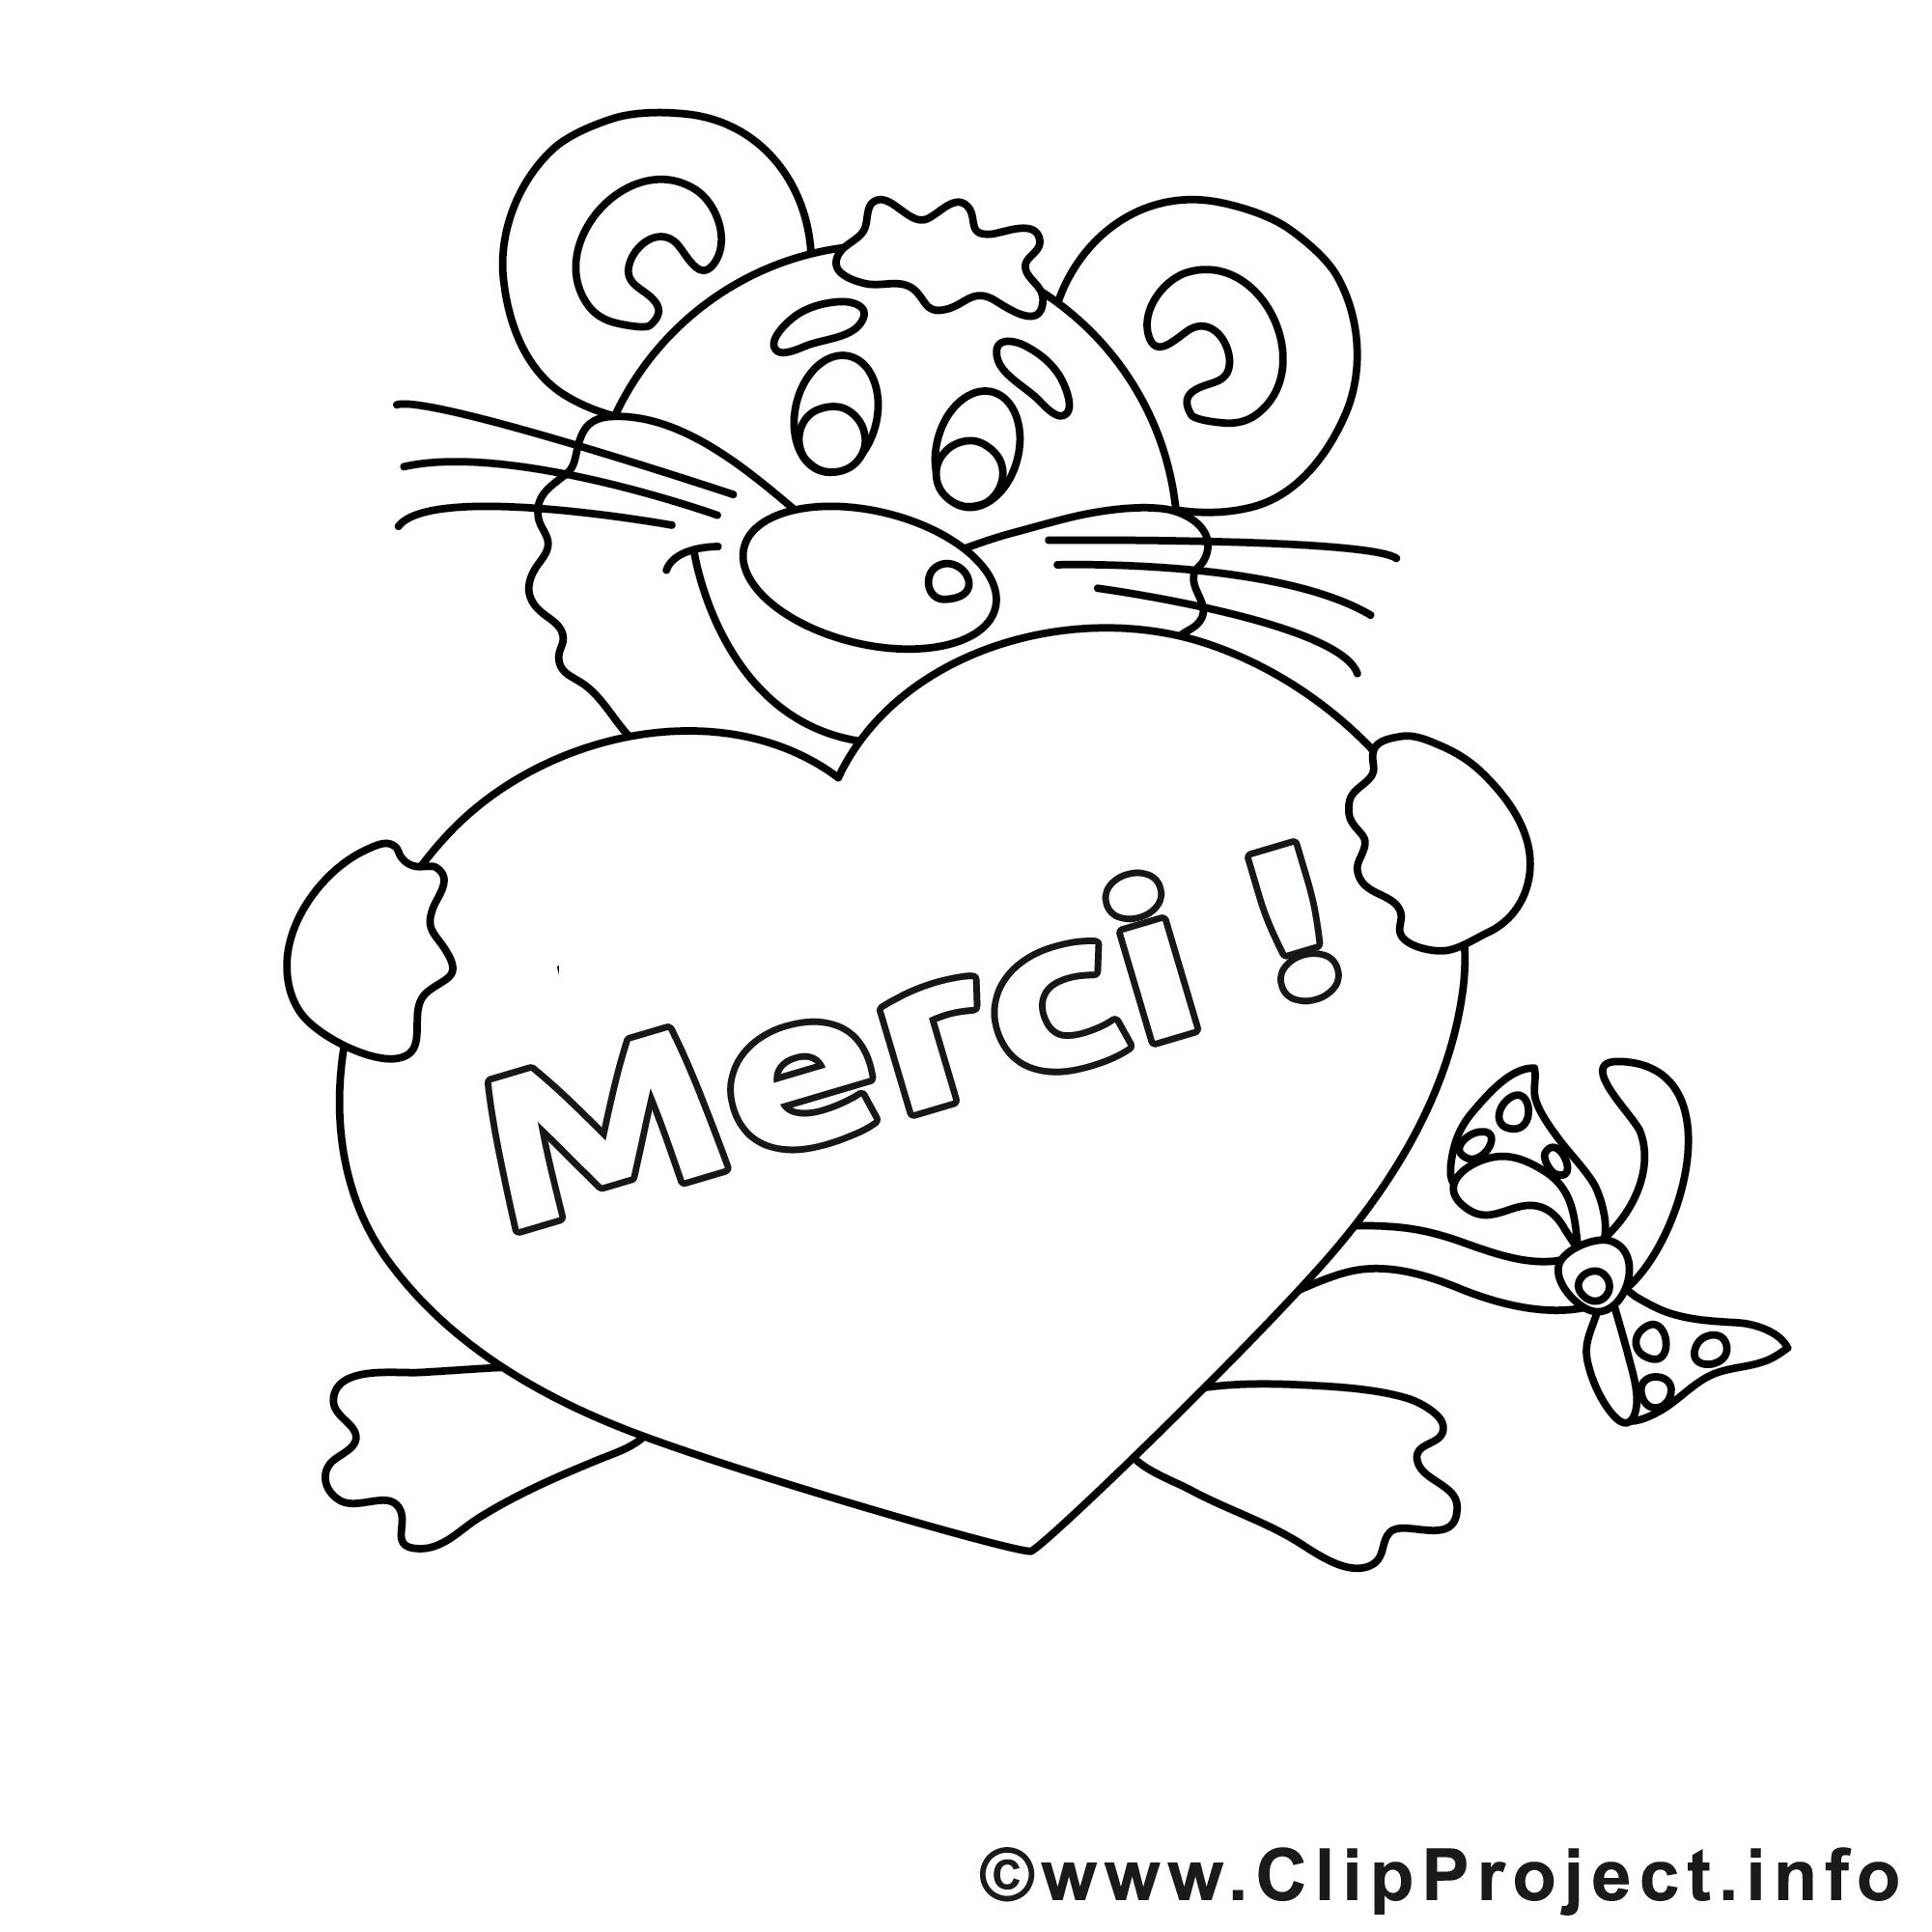 Souris dessin coloriage merci t l charger merci coloriages dessin picture image graphic - Dessin a telecharger ...